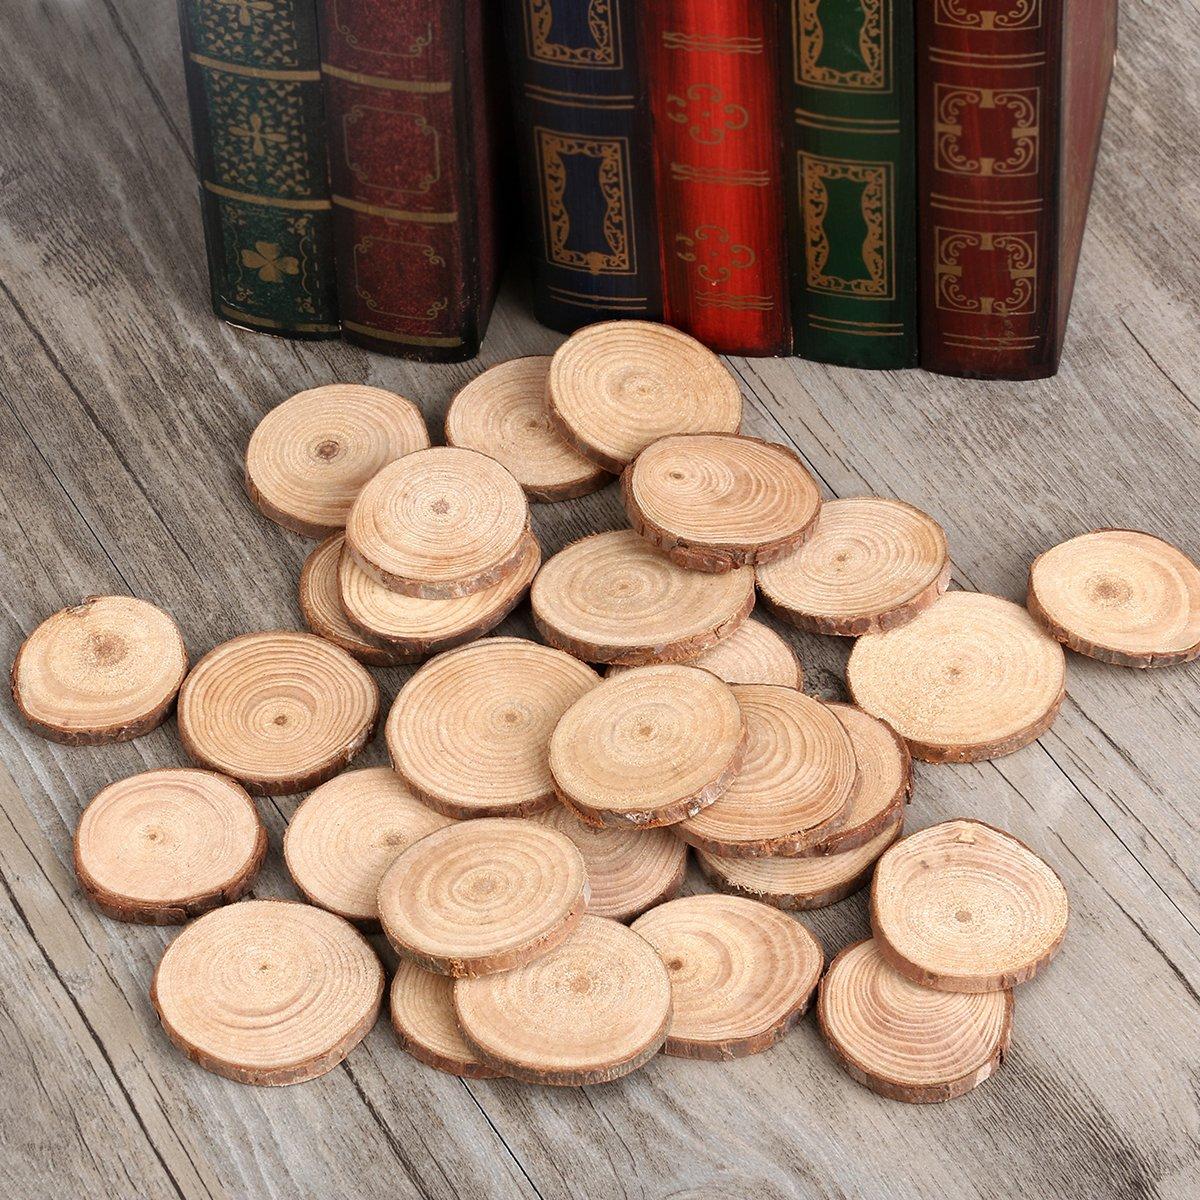 /5/cm bestoyard redondos de madera 30/piezas rodajas de madera discos c/írculos para manualidades DIY boda mesa 4/